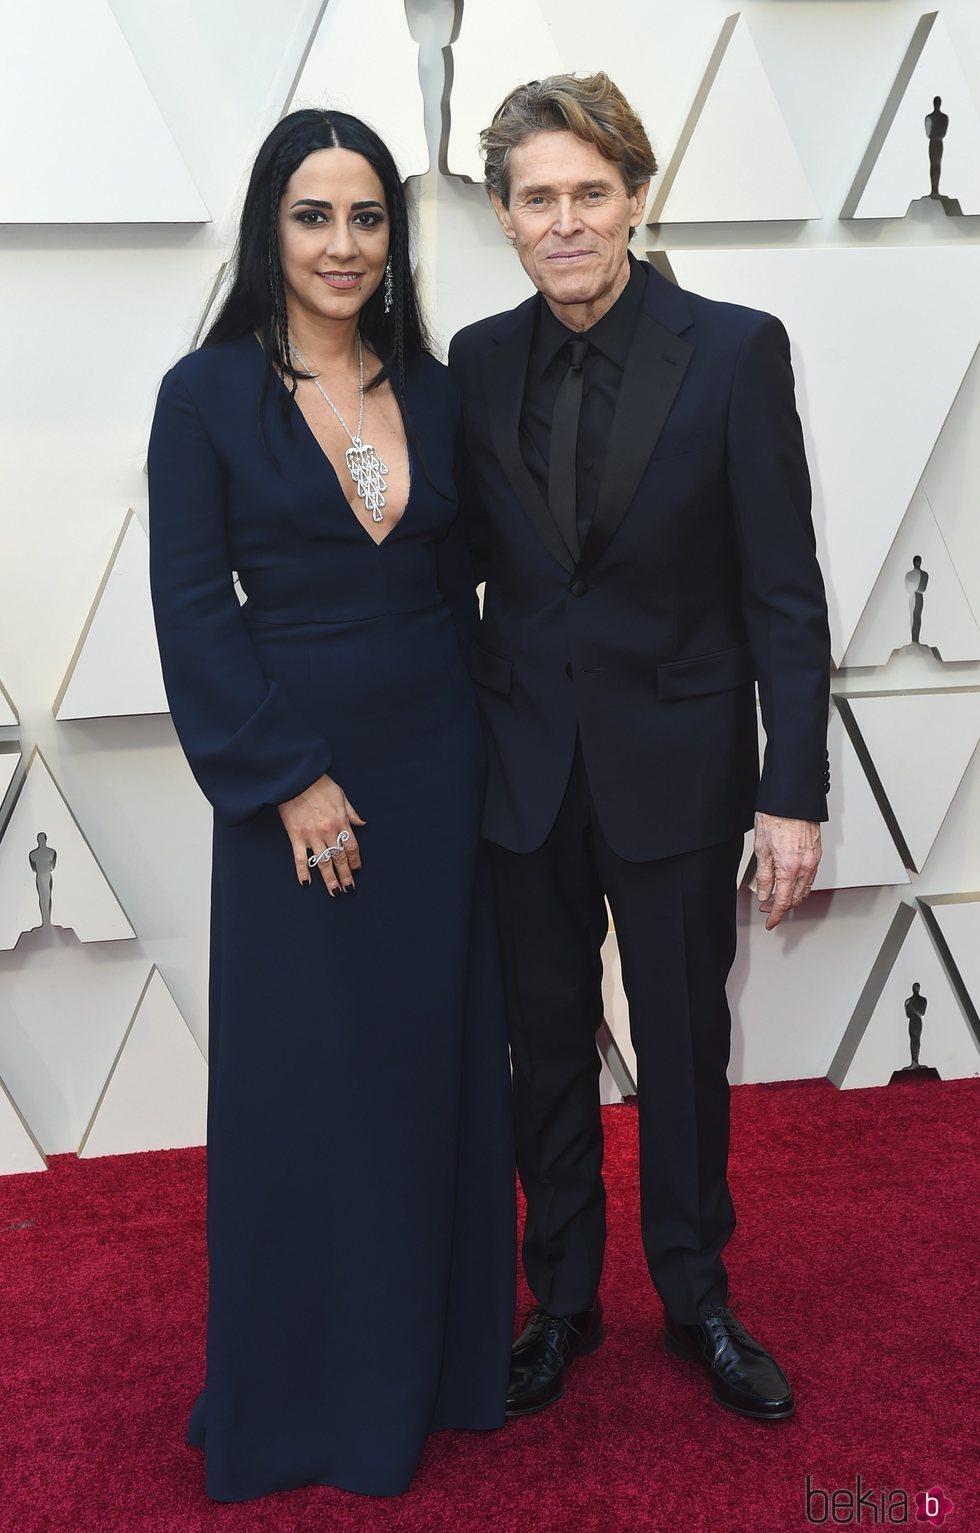 Willem Dafoe y Giada Colagrande en la alfombra roja de los Premios Oscar 2019